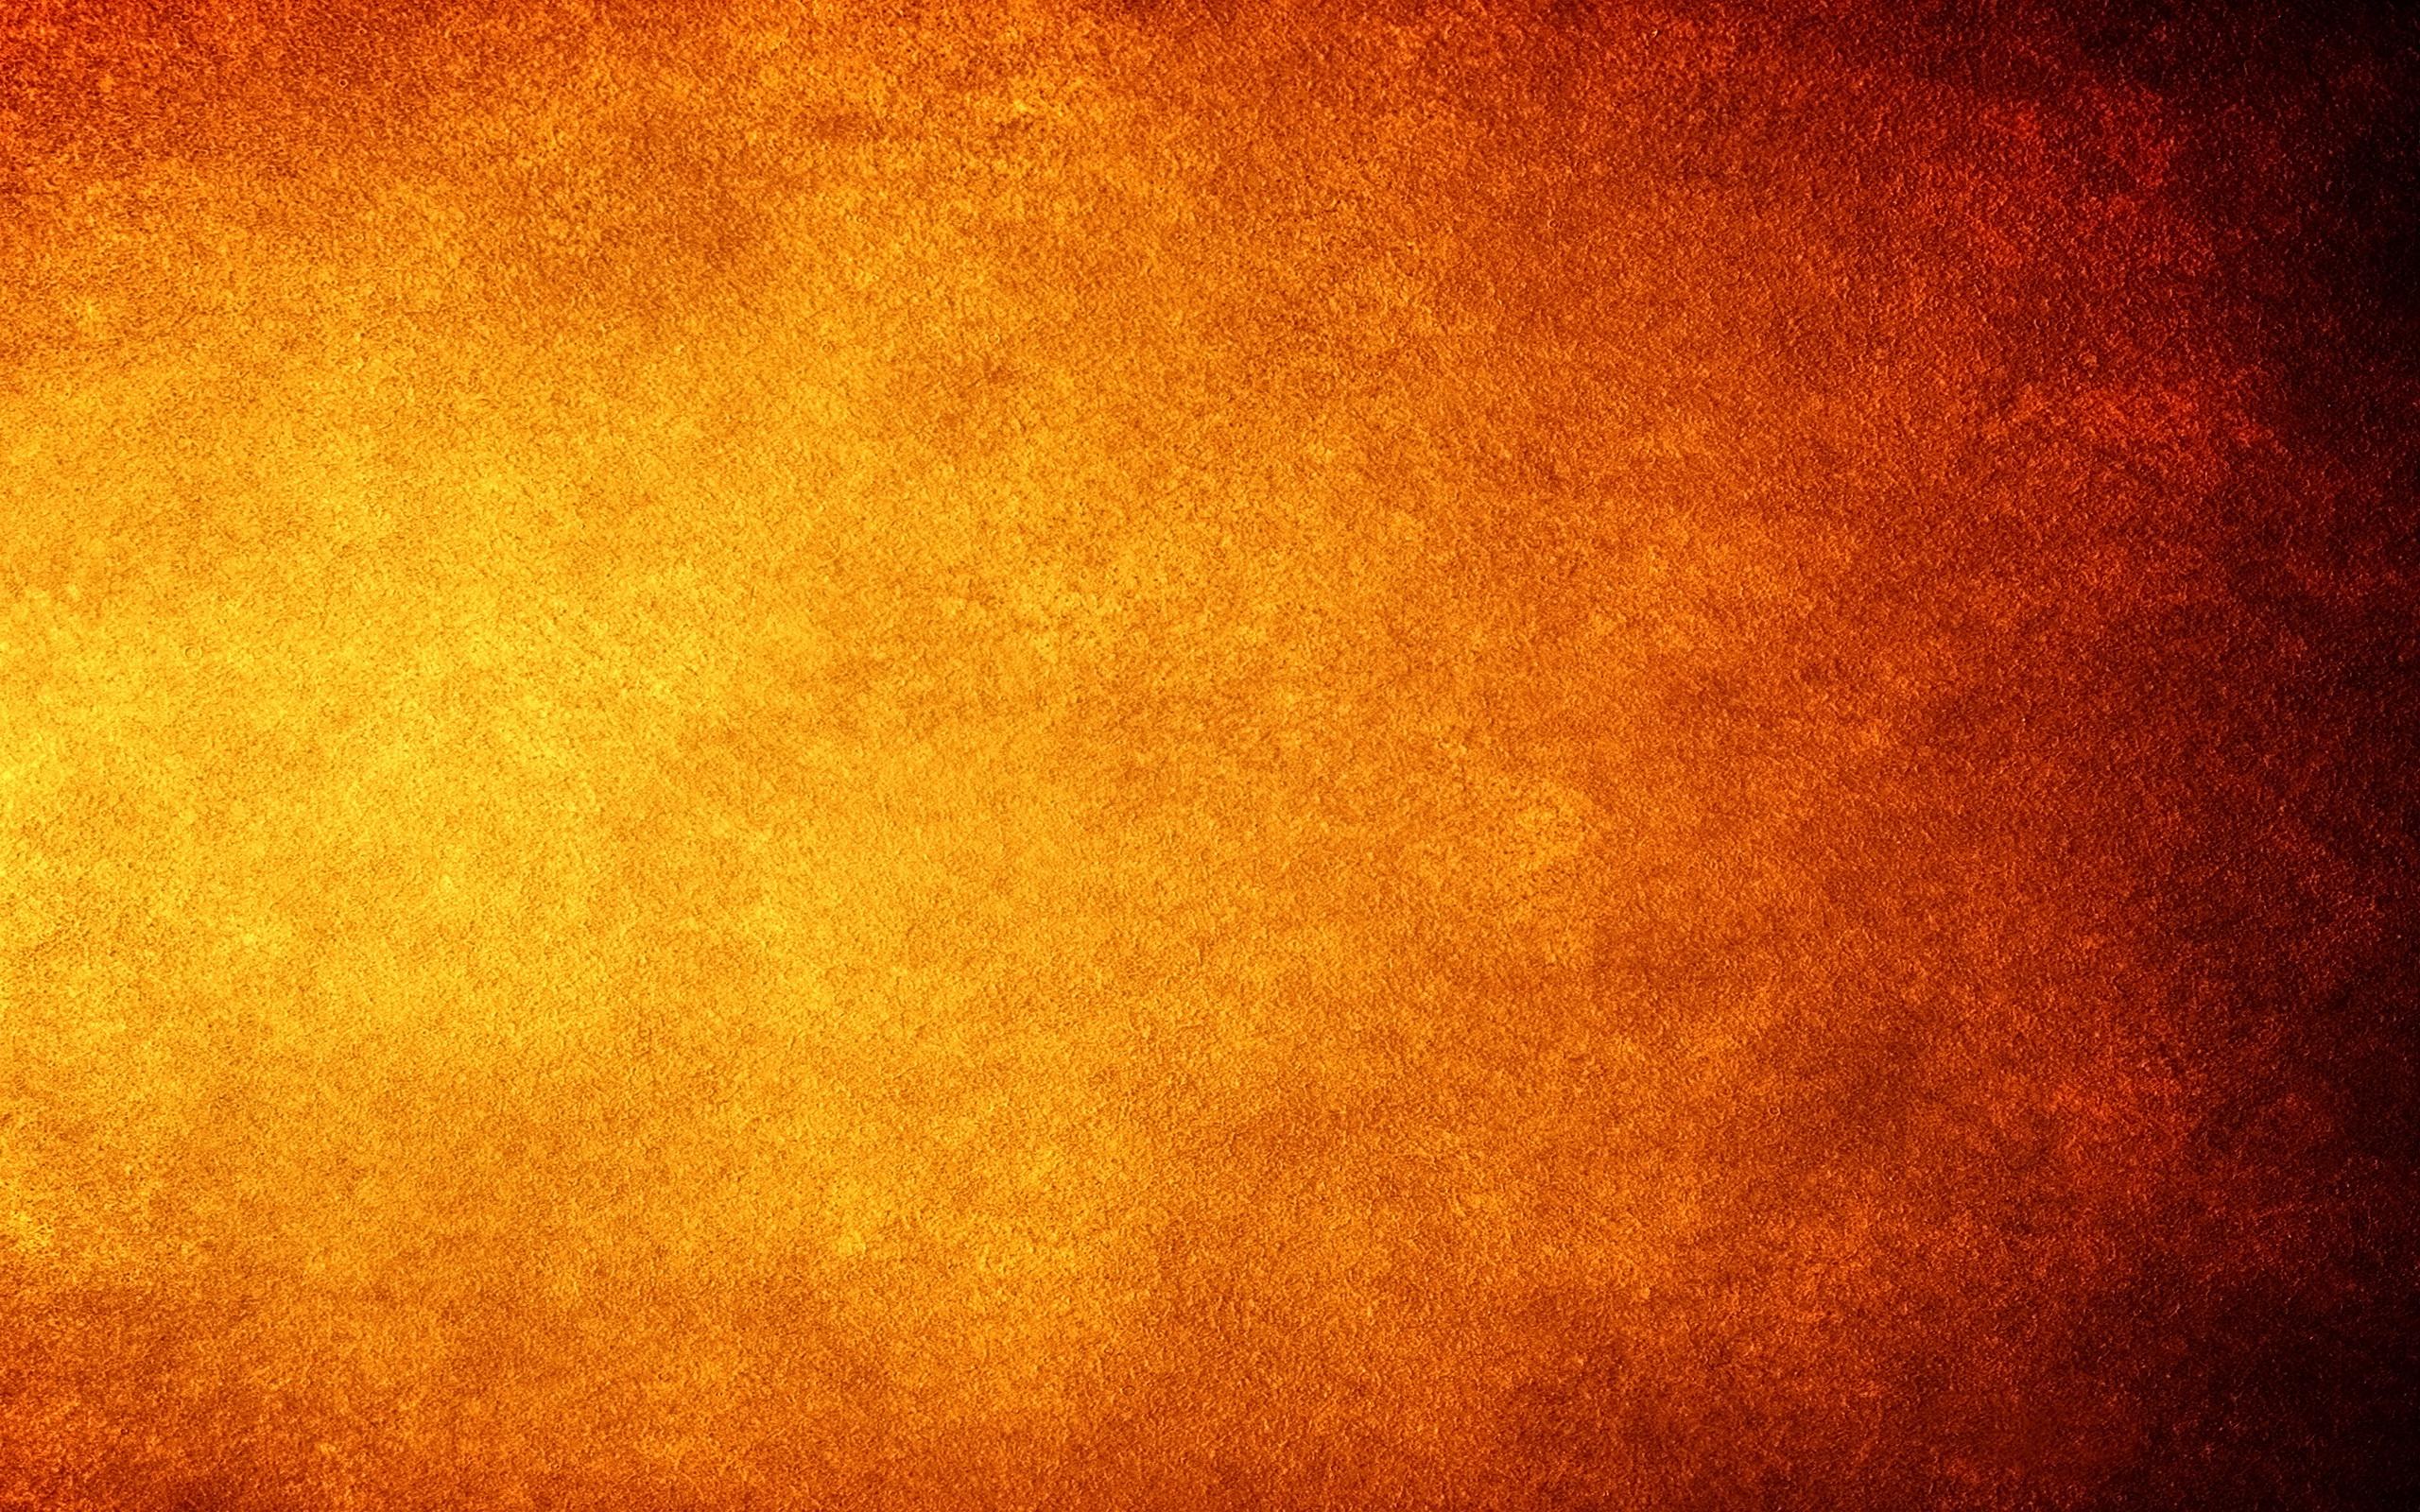 Orange Red Computer Wallpapers Desktop Backgrounds 2560x1600 ID 2560x1600